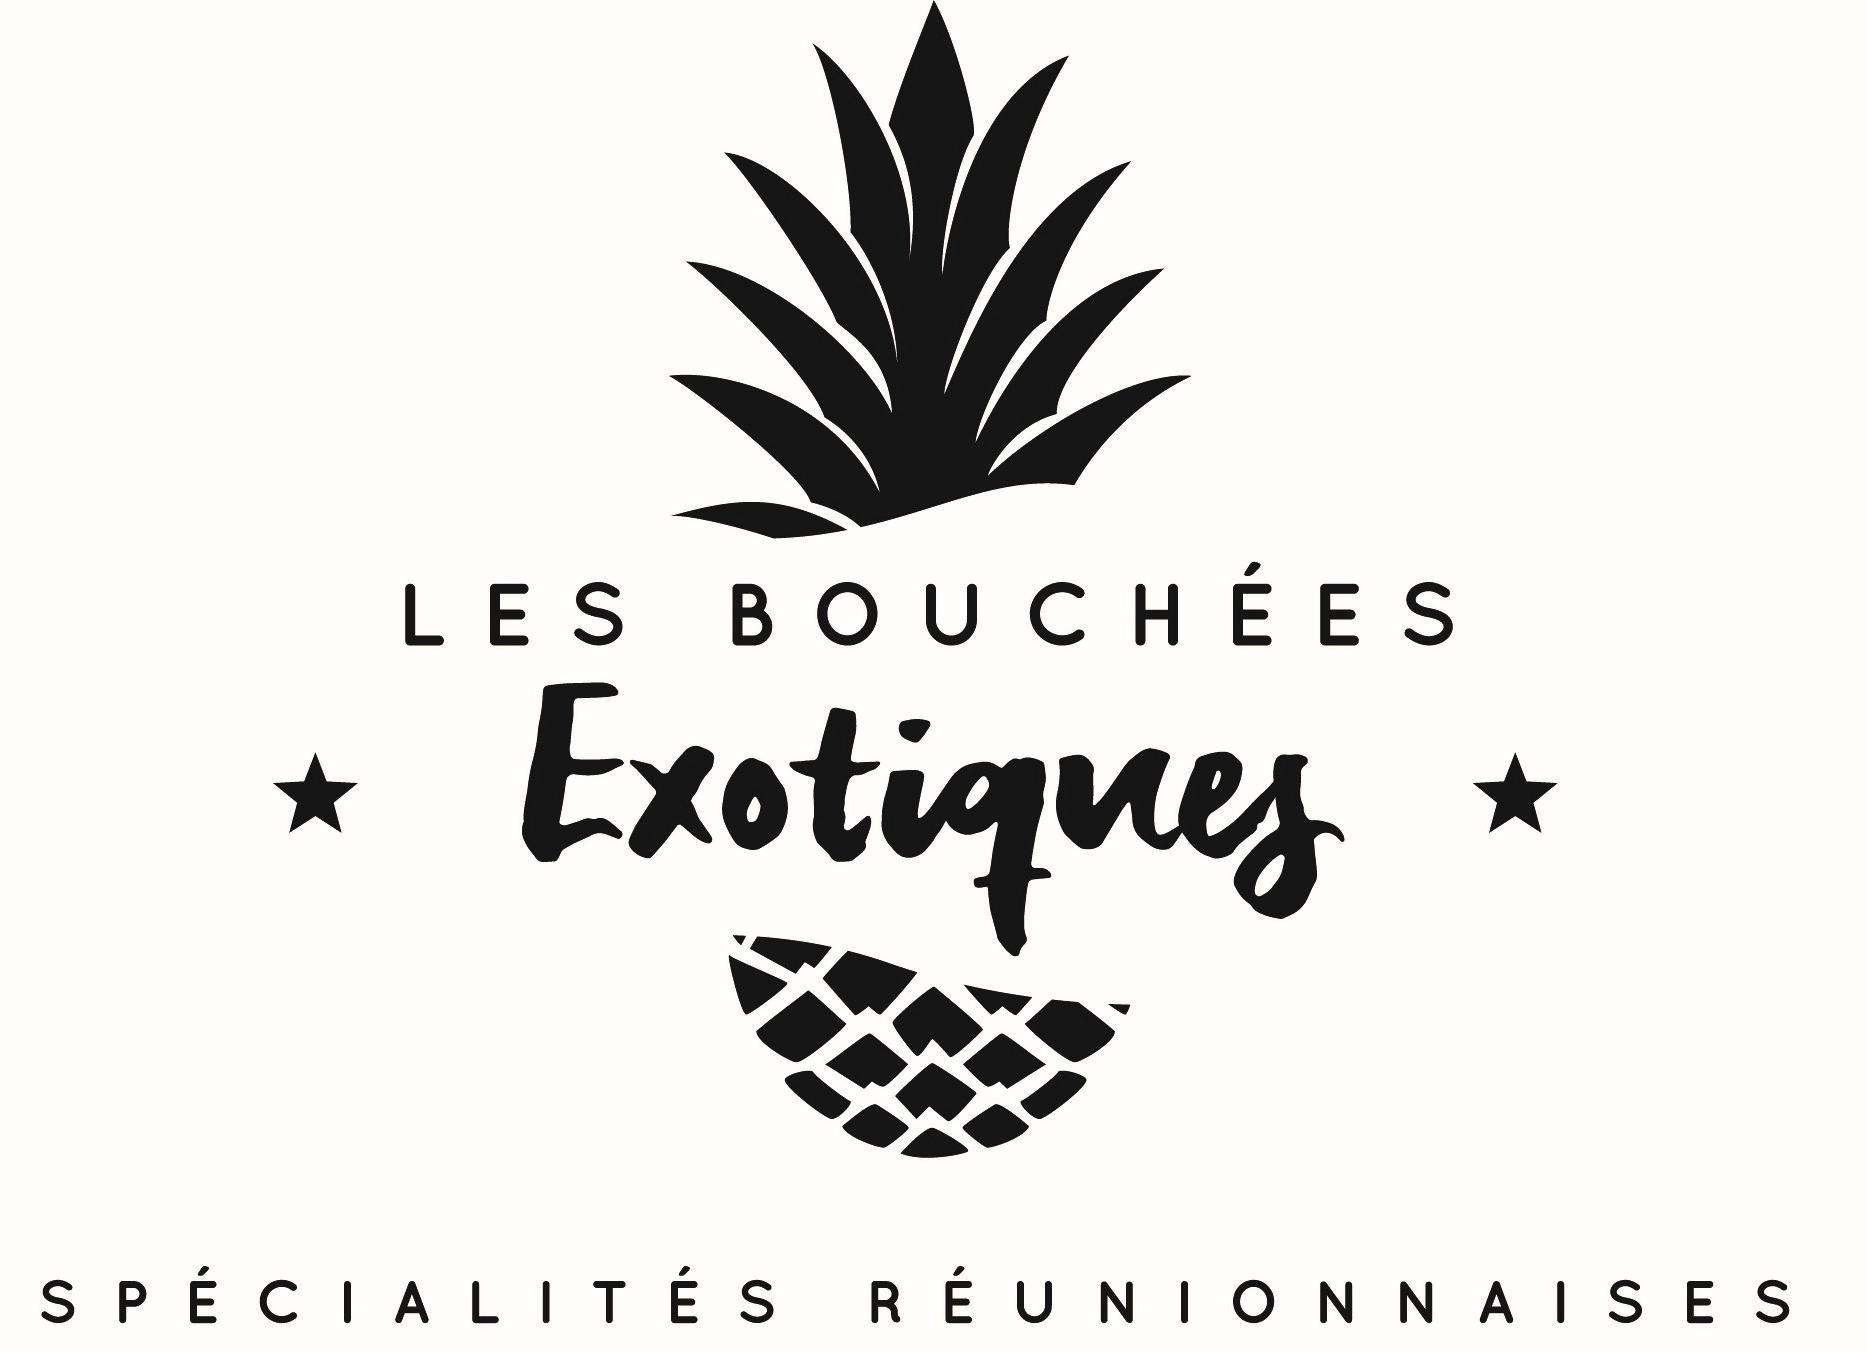 LES BOUCHEES EXOTIQUES